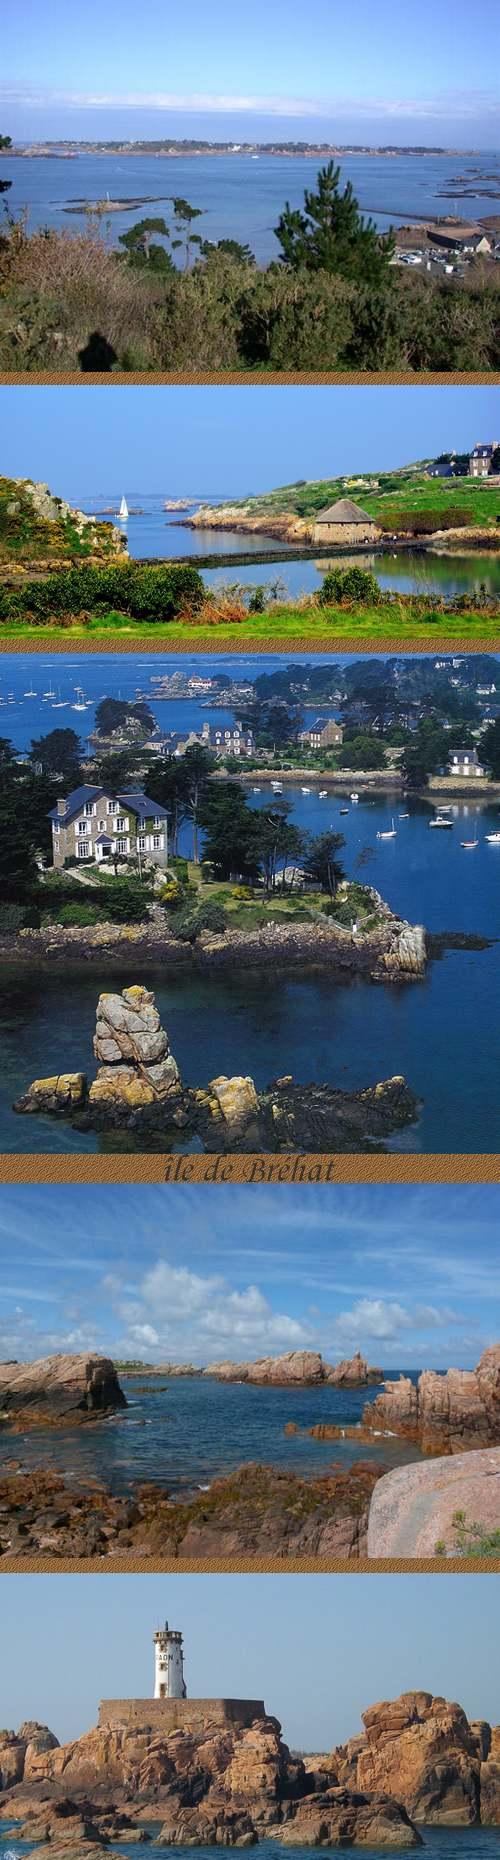 Circuit Touristique : De Tréguier à la Côte de Granit